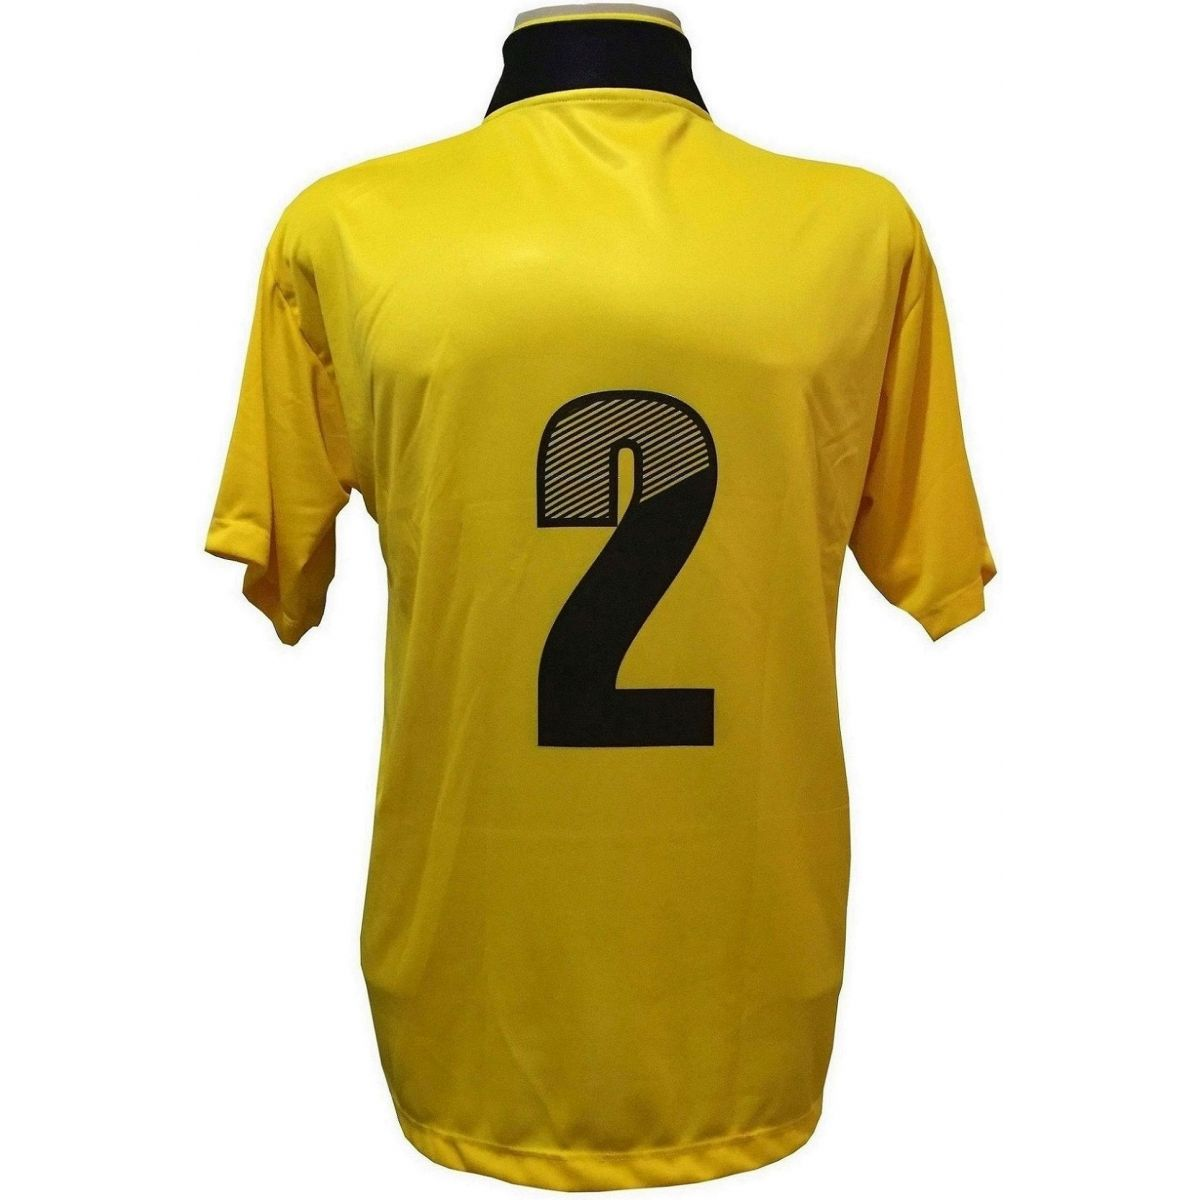 Jogo de Camisa com 14 unidades modelo Suécia Amarelo/Preto + 1 Goleiro + Brindes